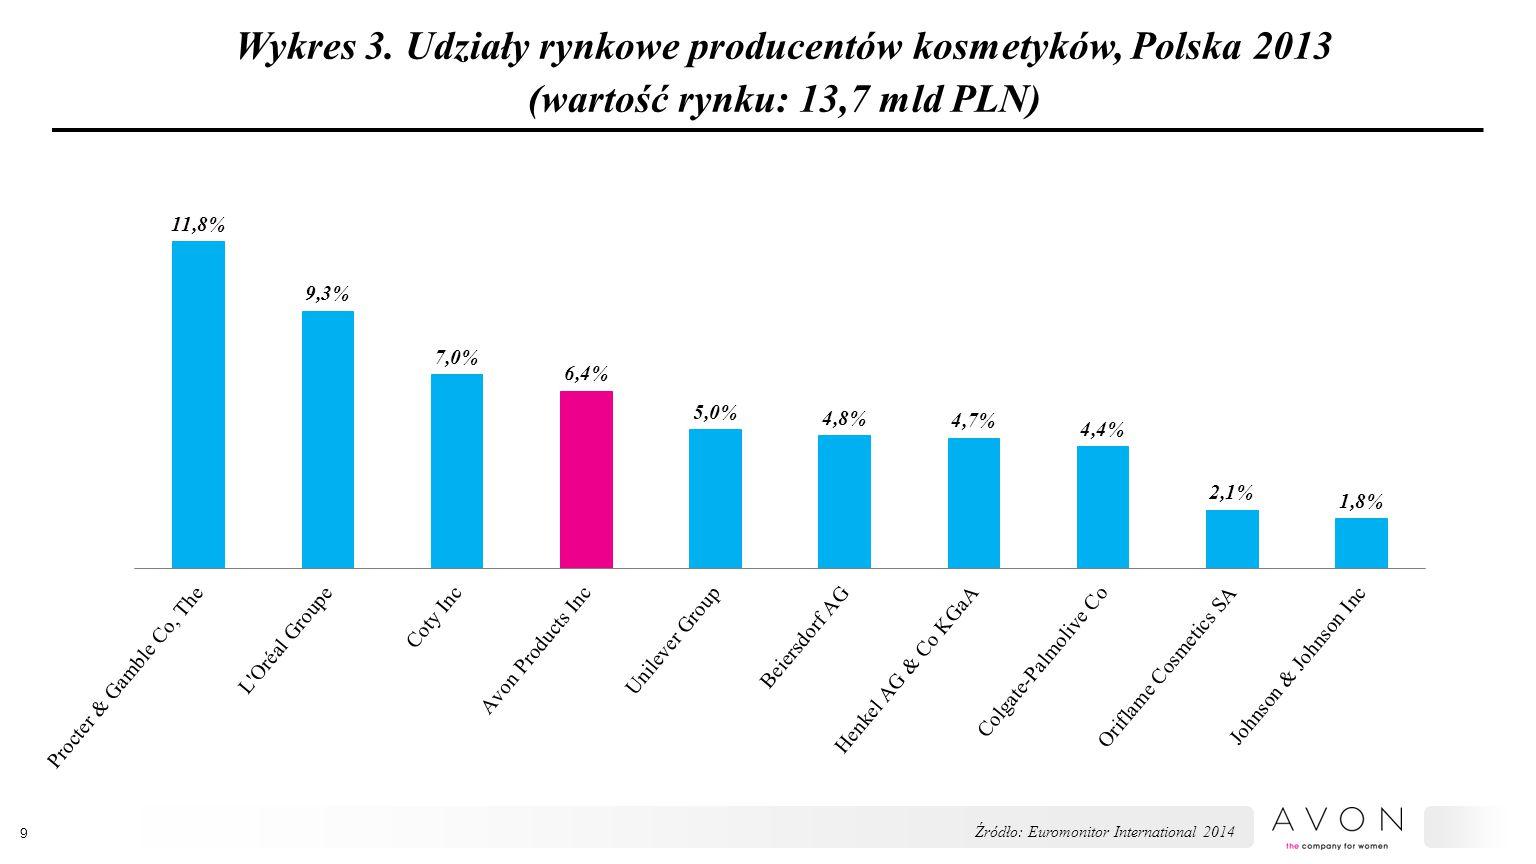 Wykres 3. Udziały rynkowe producentów kosmetyków, Polska 2013 (wartość rynku: 13,7 mld PLN) 9 Źródło: Euromonitor International 2014